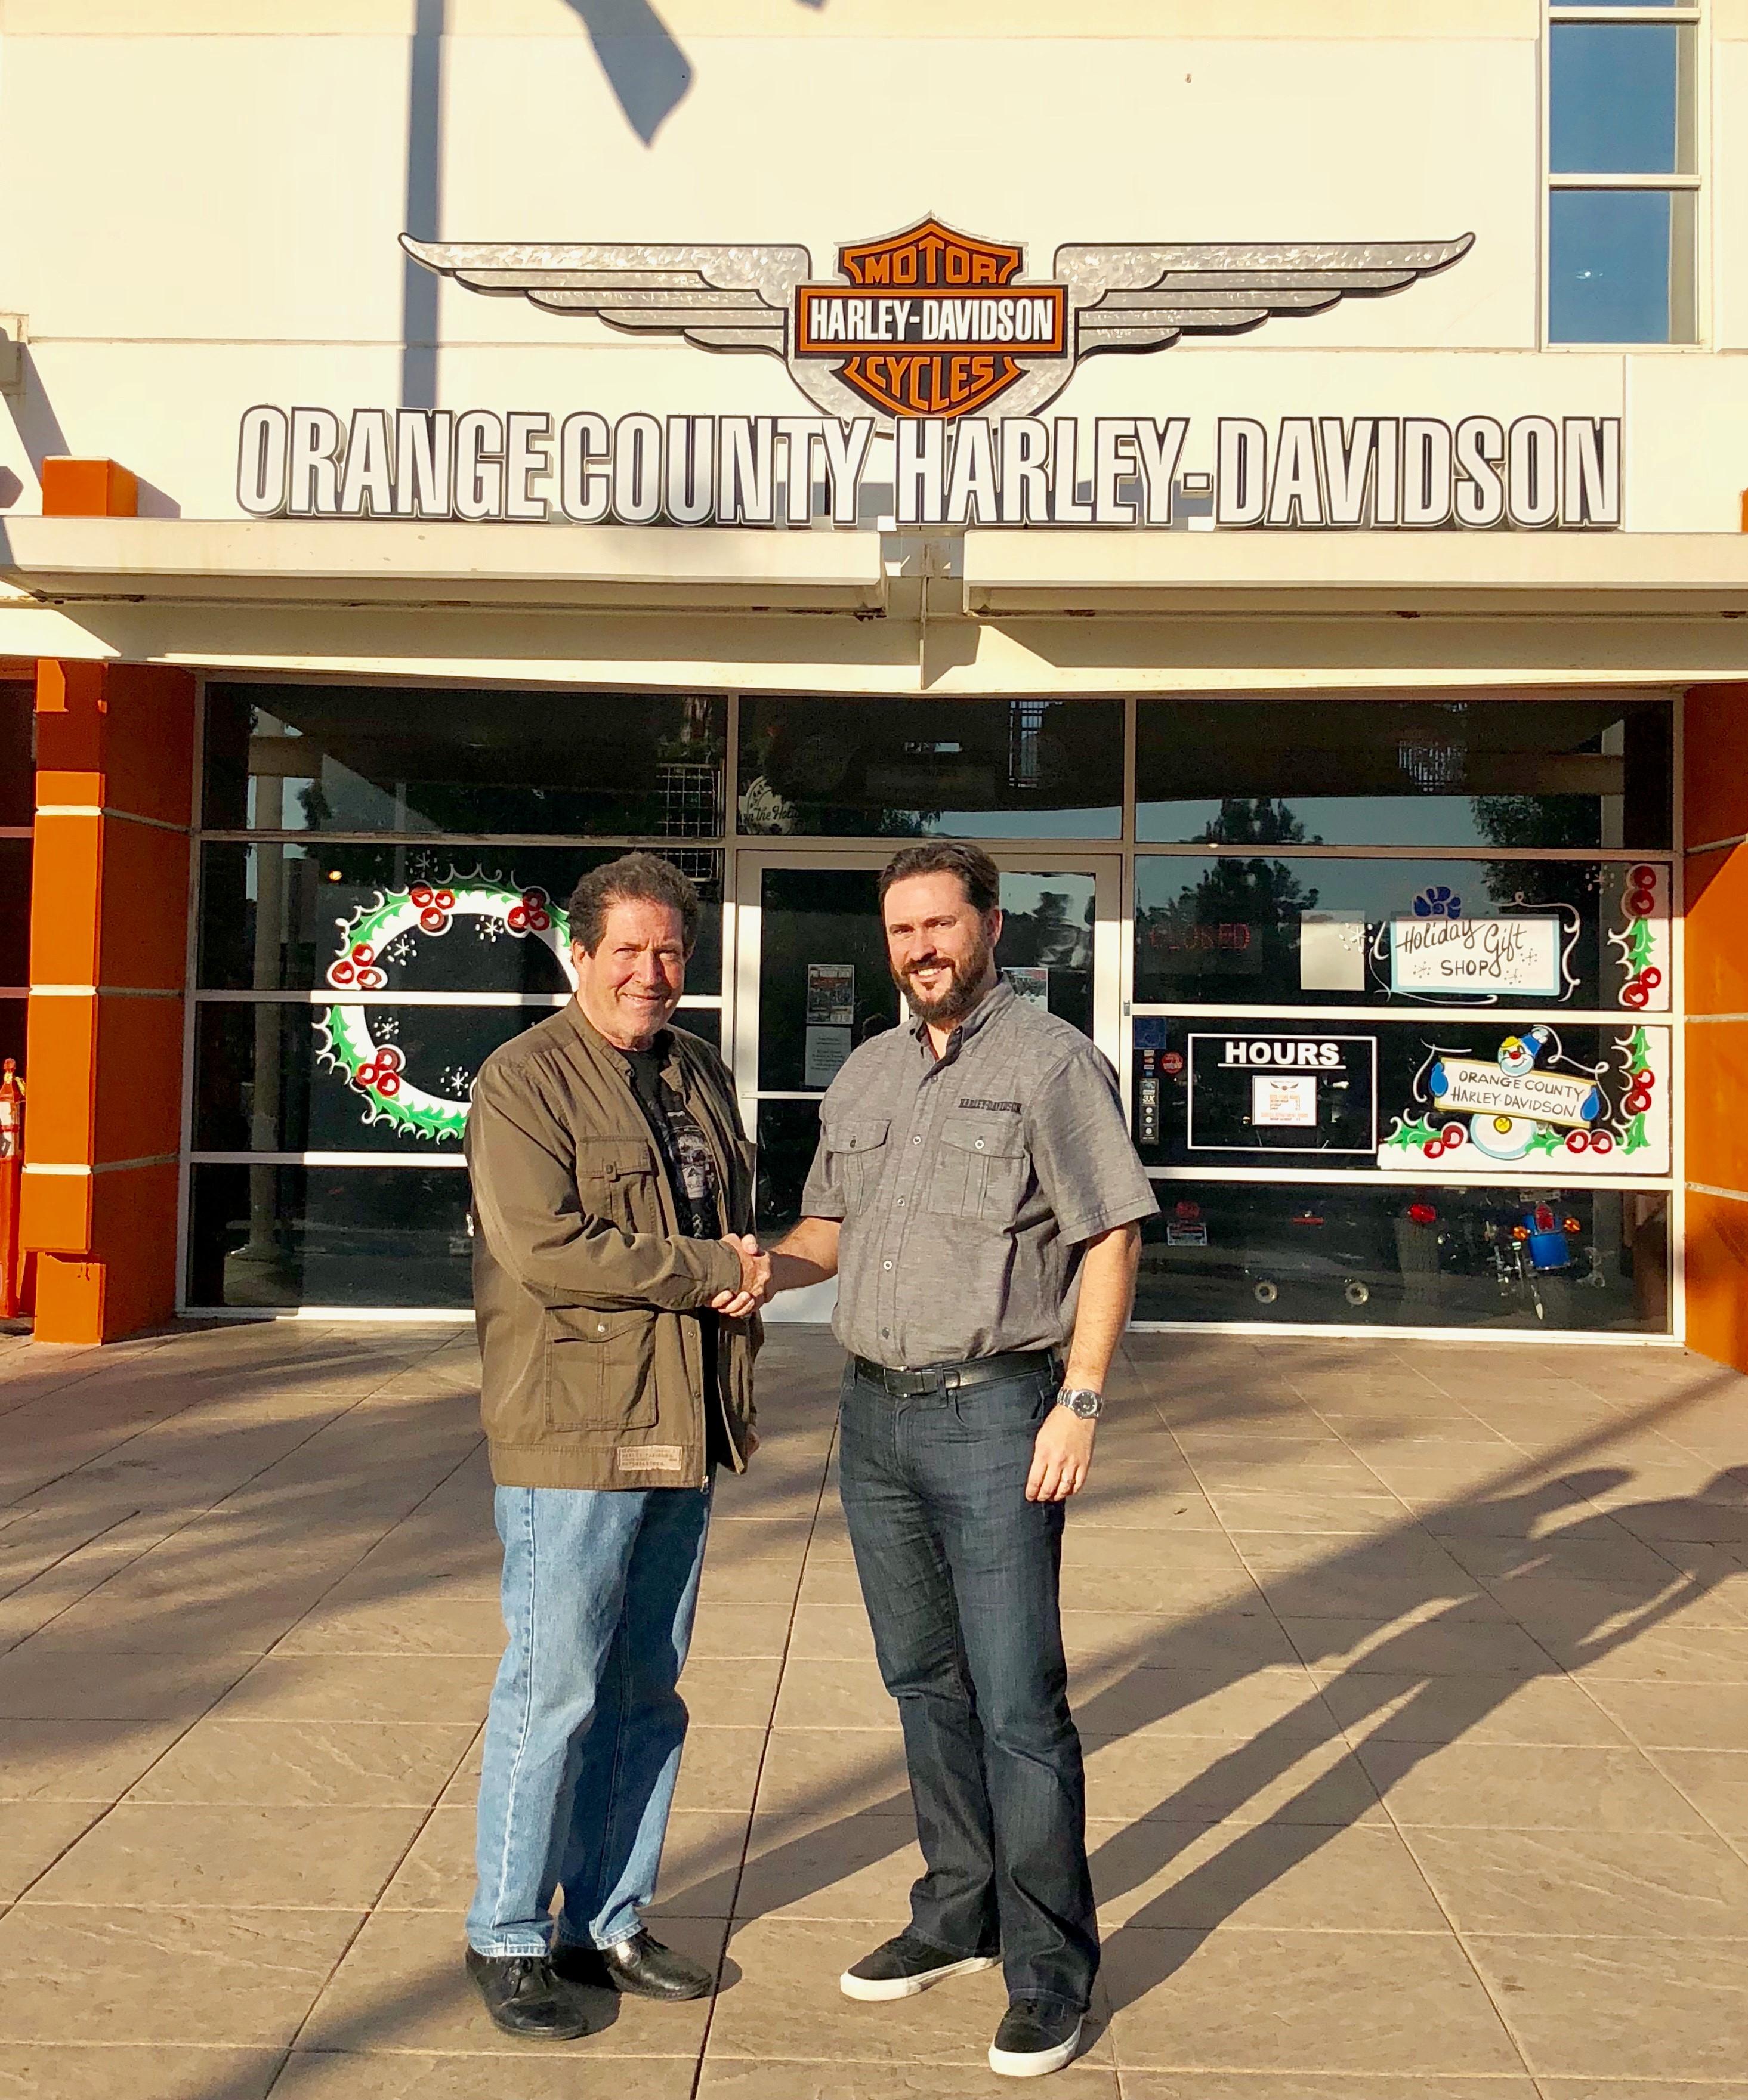 Orange County Harley-Davidson In Irvine, California Sells